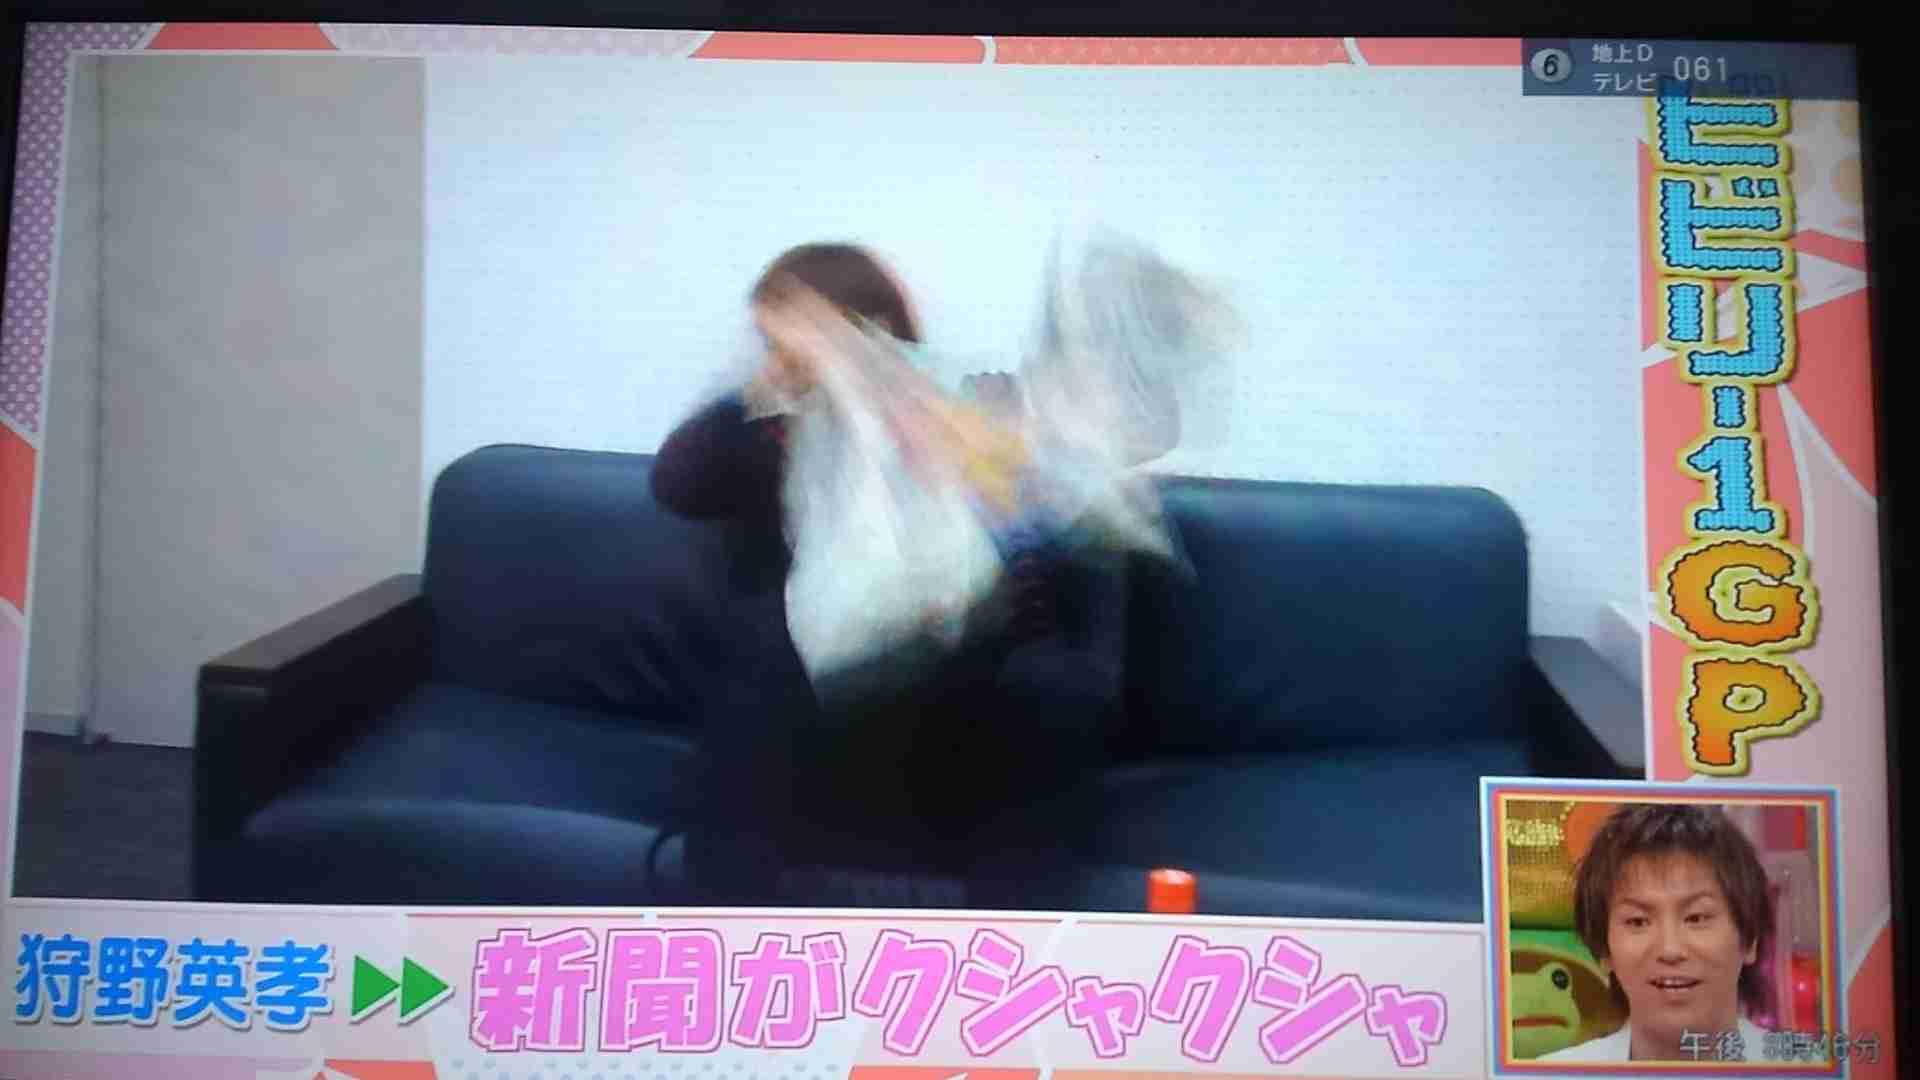 【実況・感想】金曜★ロンドンハーツ&アメトーーーーク!姉妹番組4時間スペシャル!!